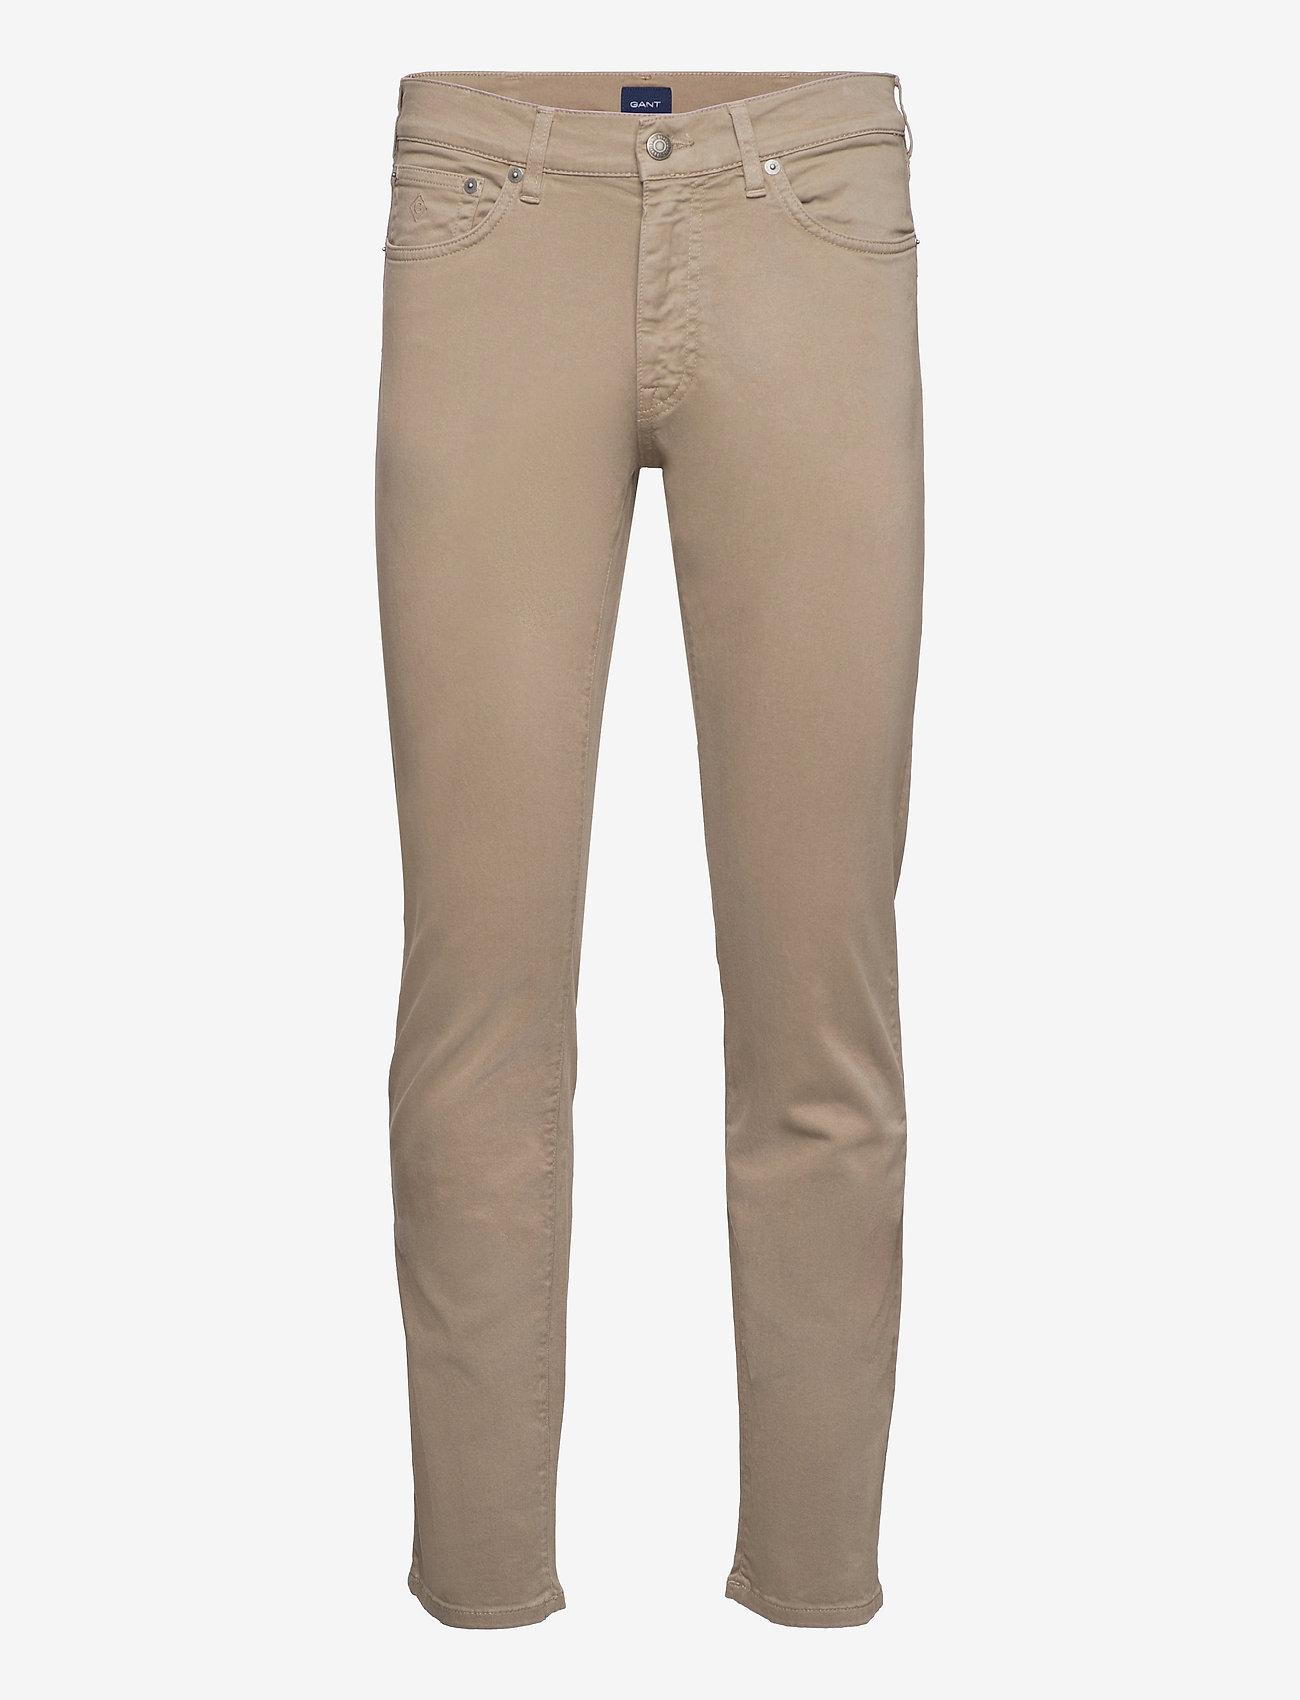 GANT - REGULAR DESERT JEANS - regular jeans - desert brown - 0